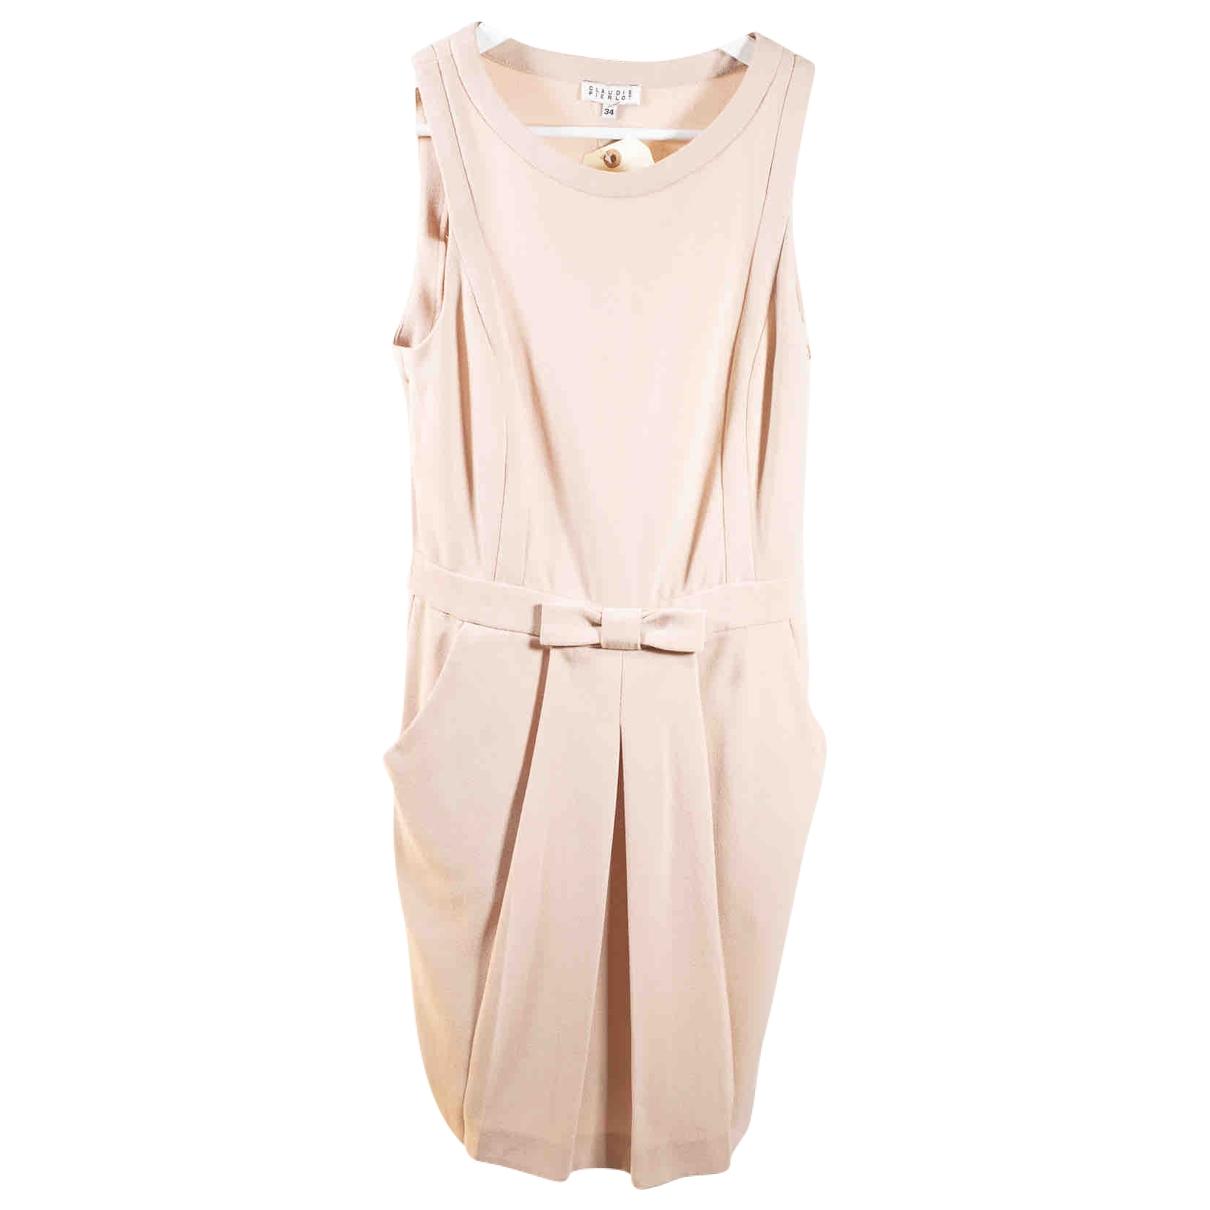 Claudie Pierlot \N Beige dress for Women 34 FR